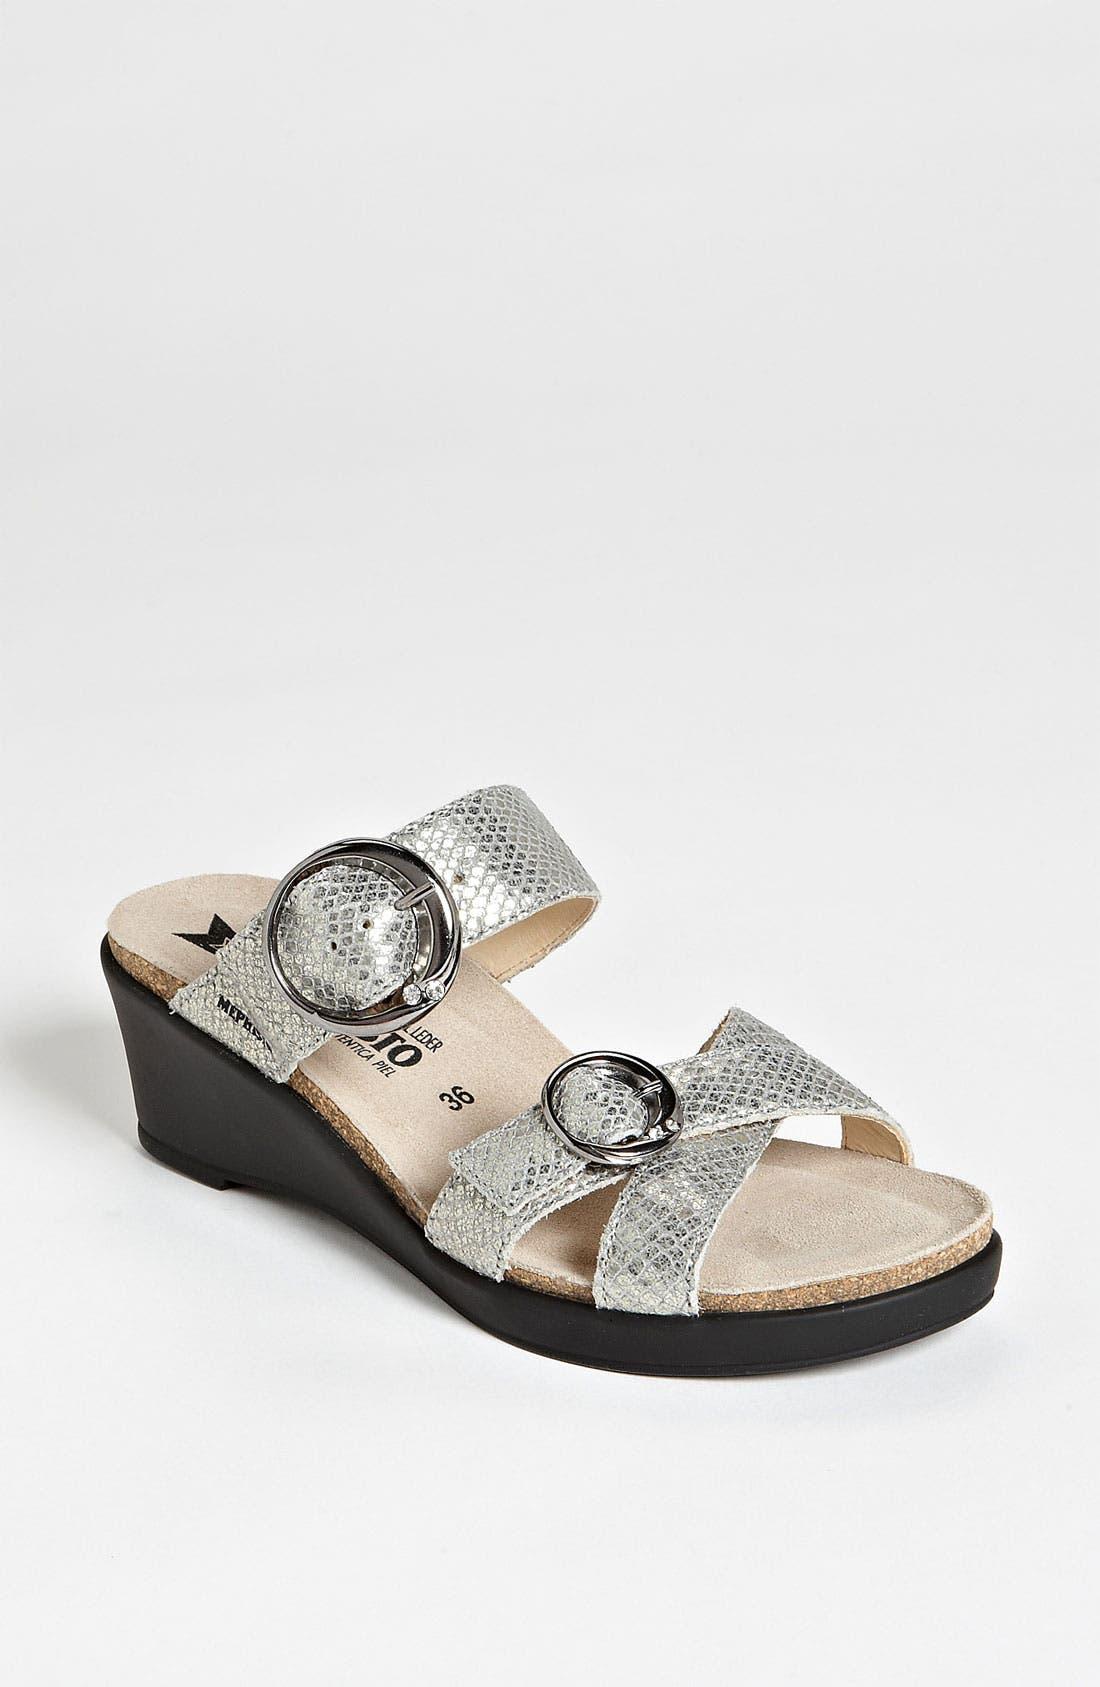 Alternate Image 1 Selected - Mephisto 'Nuta' Sandal